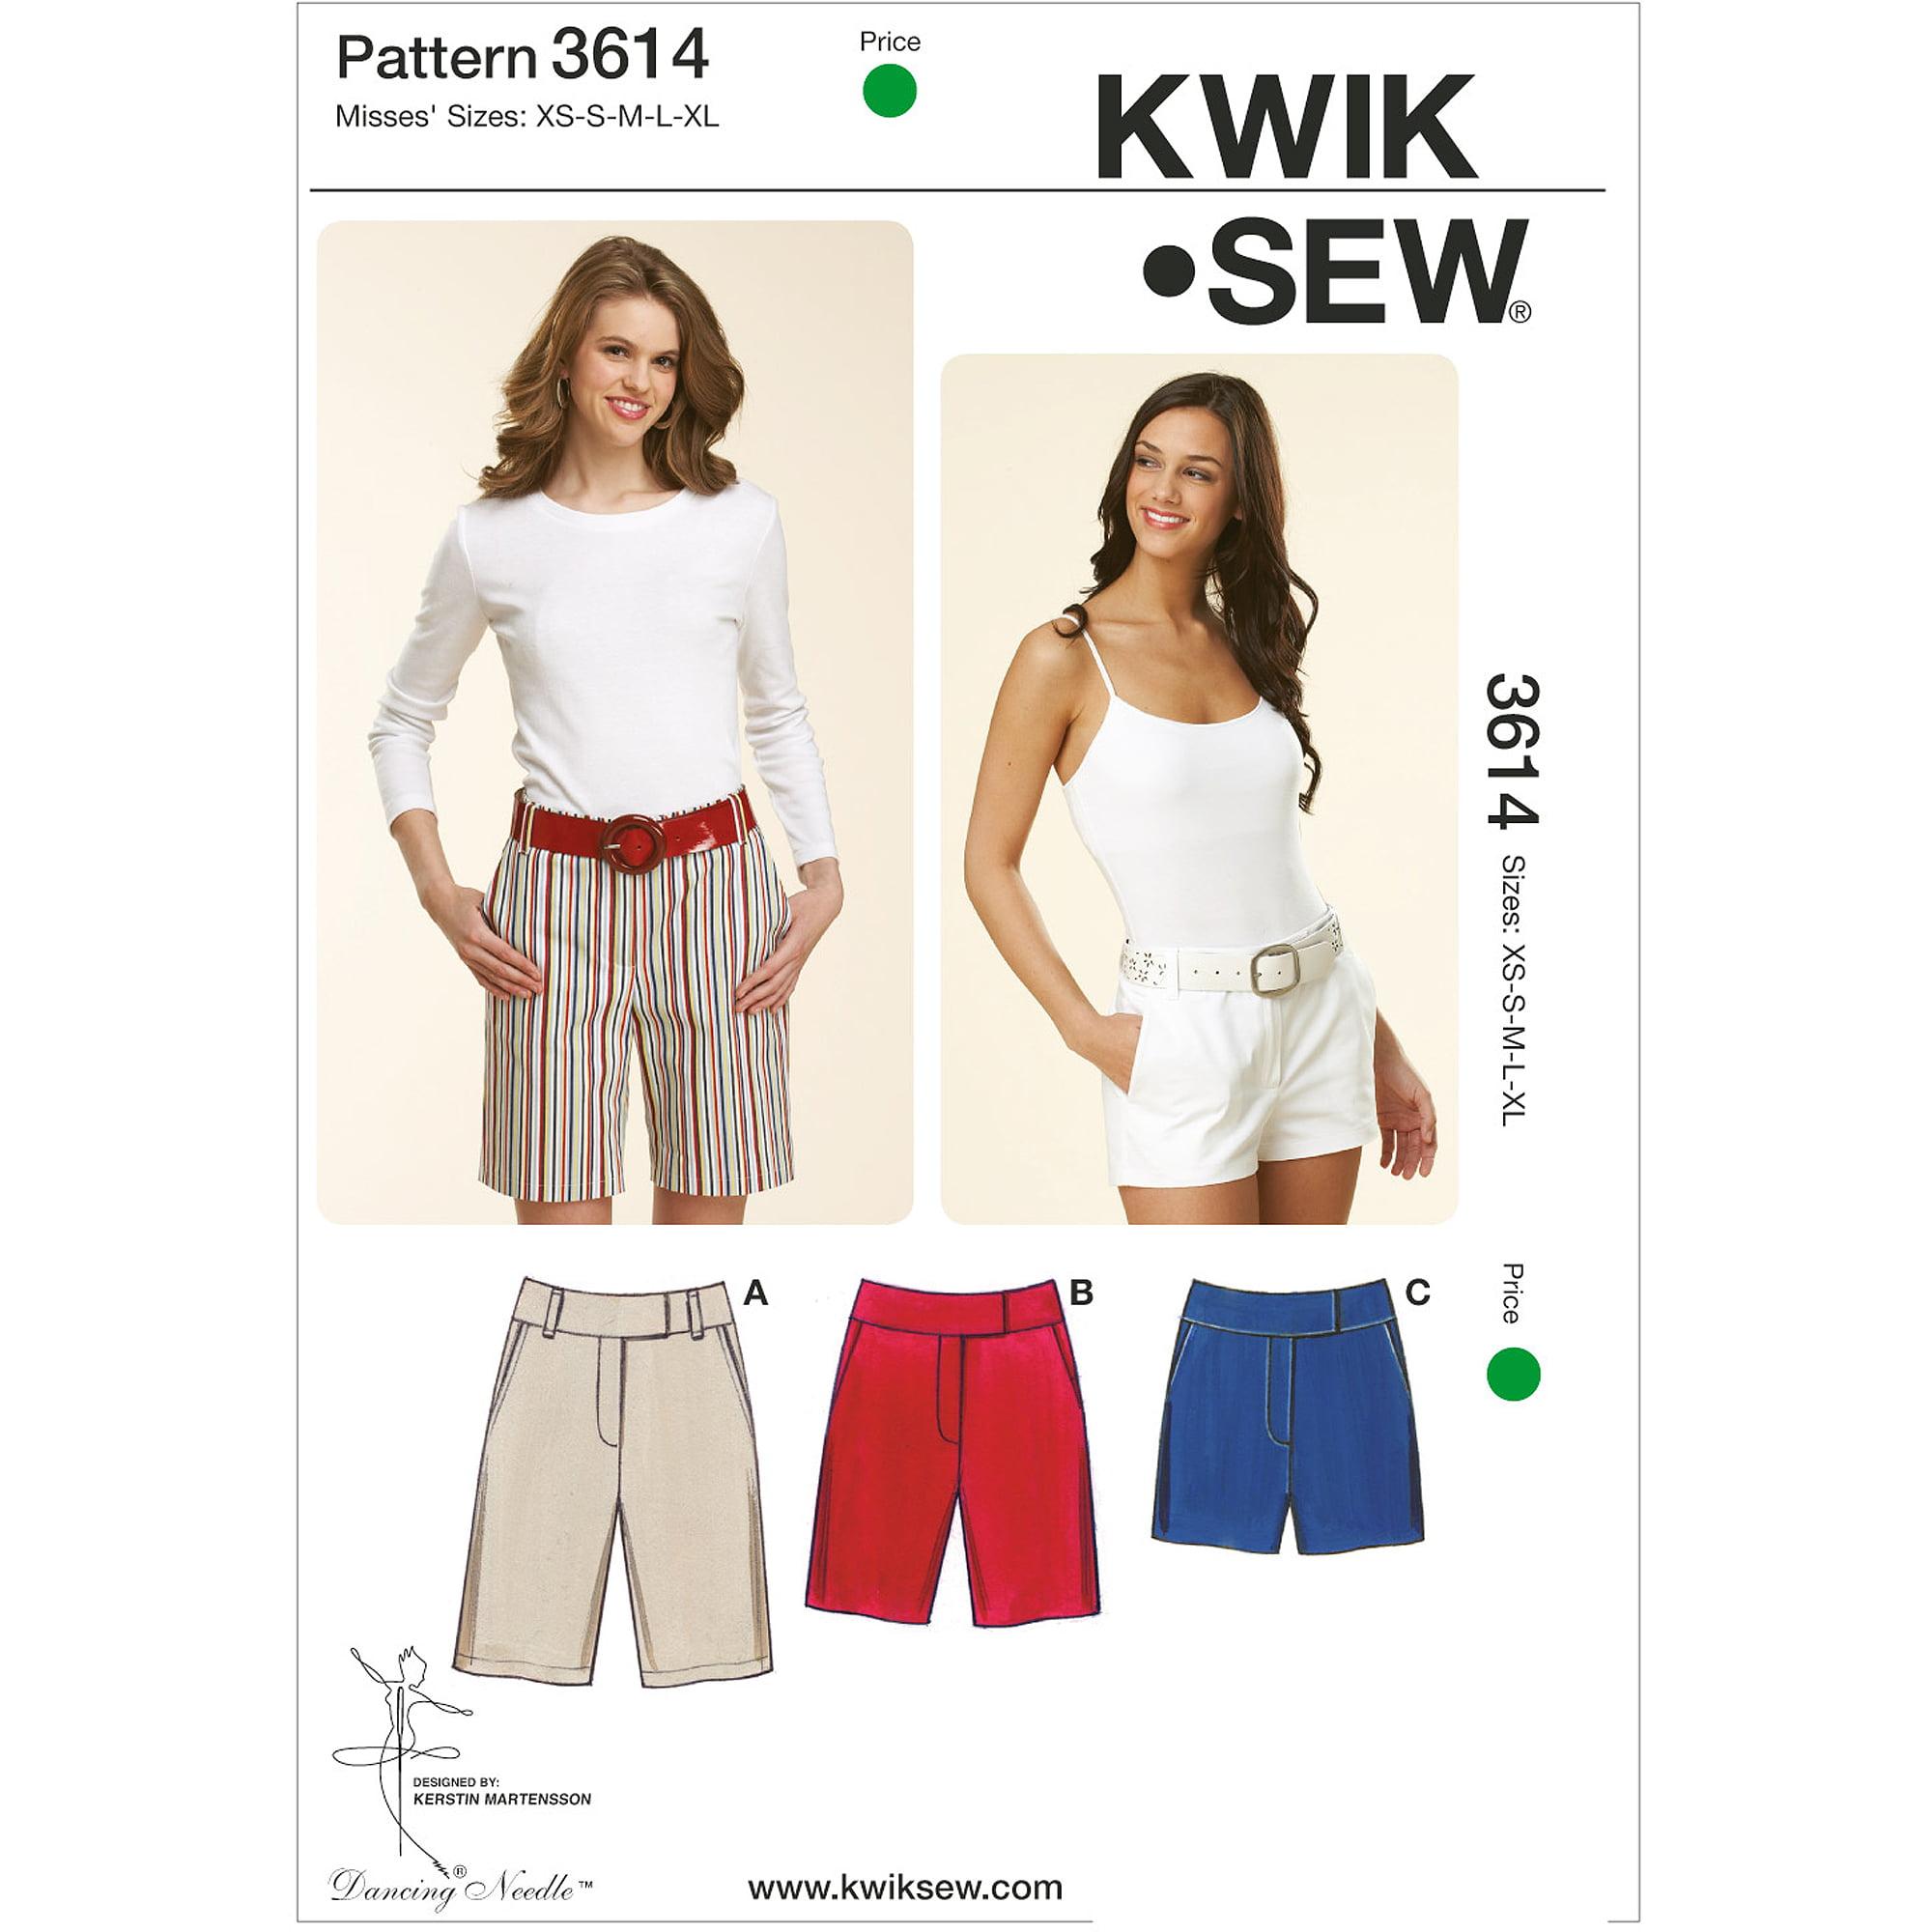 Kwik Sew Fitted Shorts, (XS, S, M, L, XL)